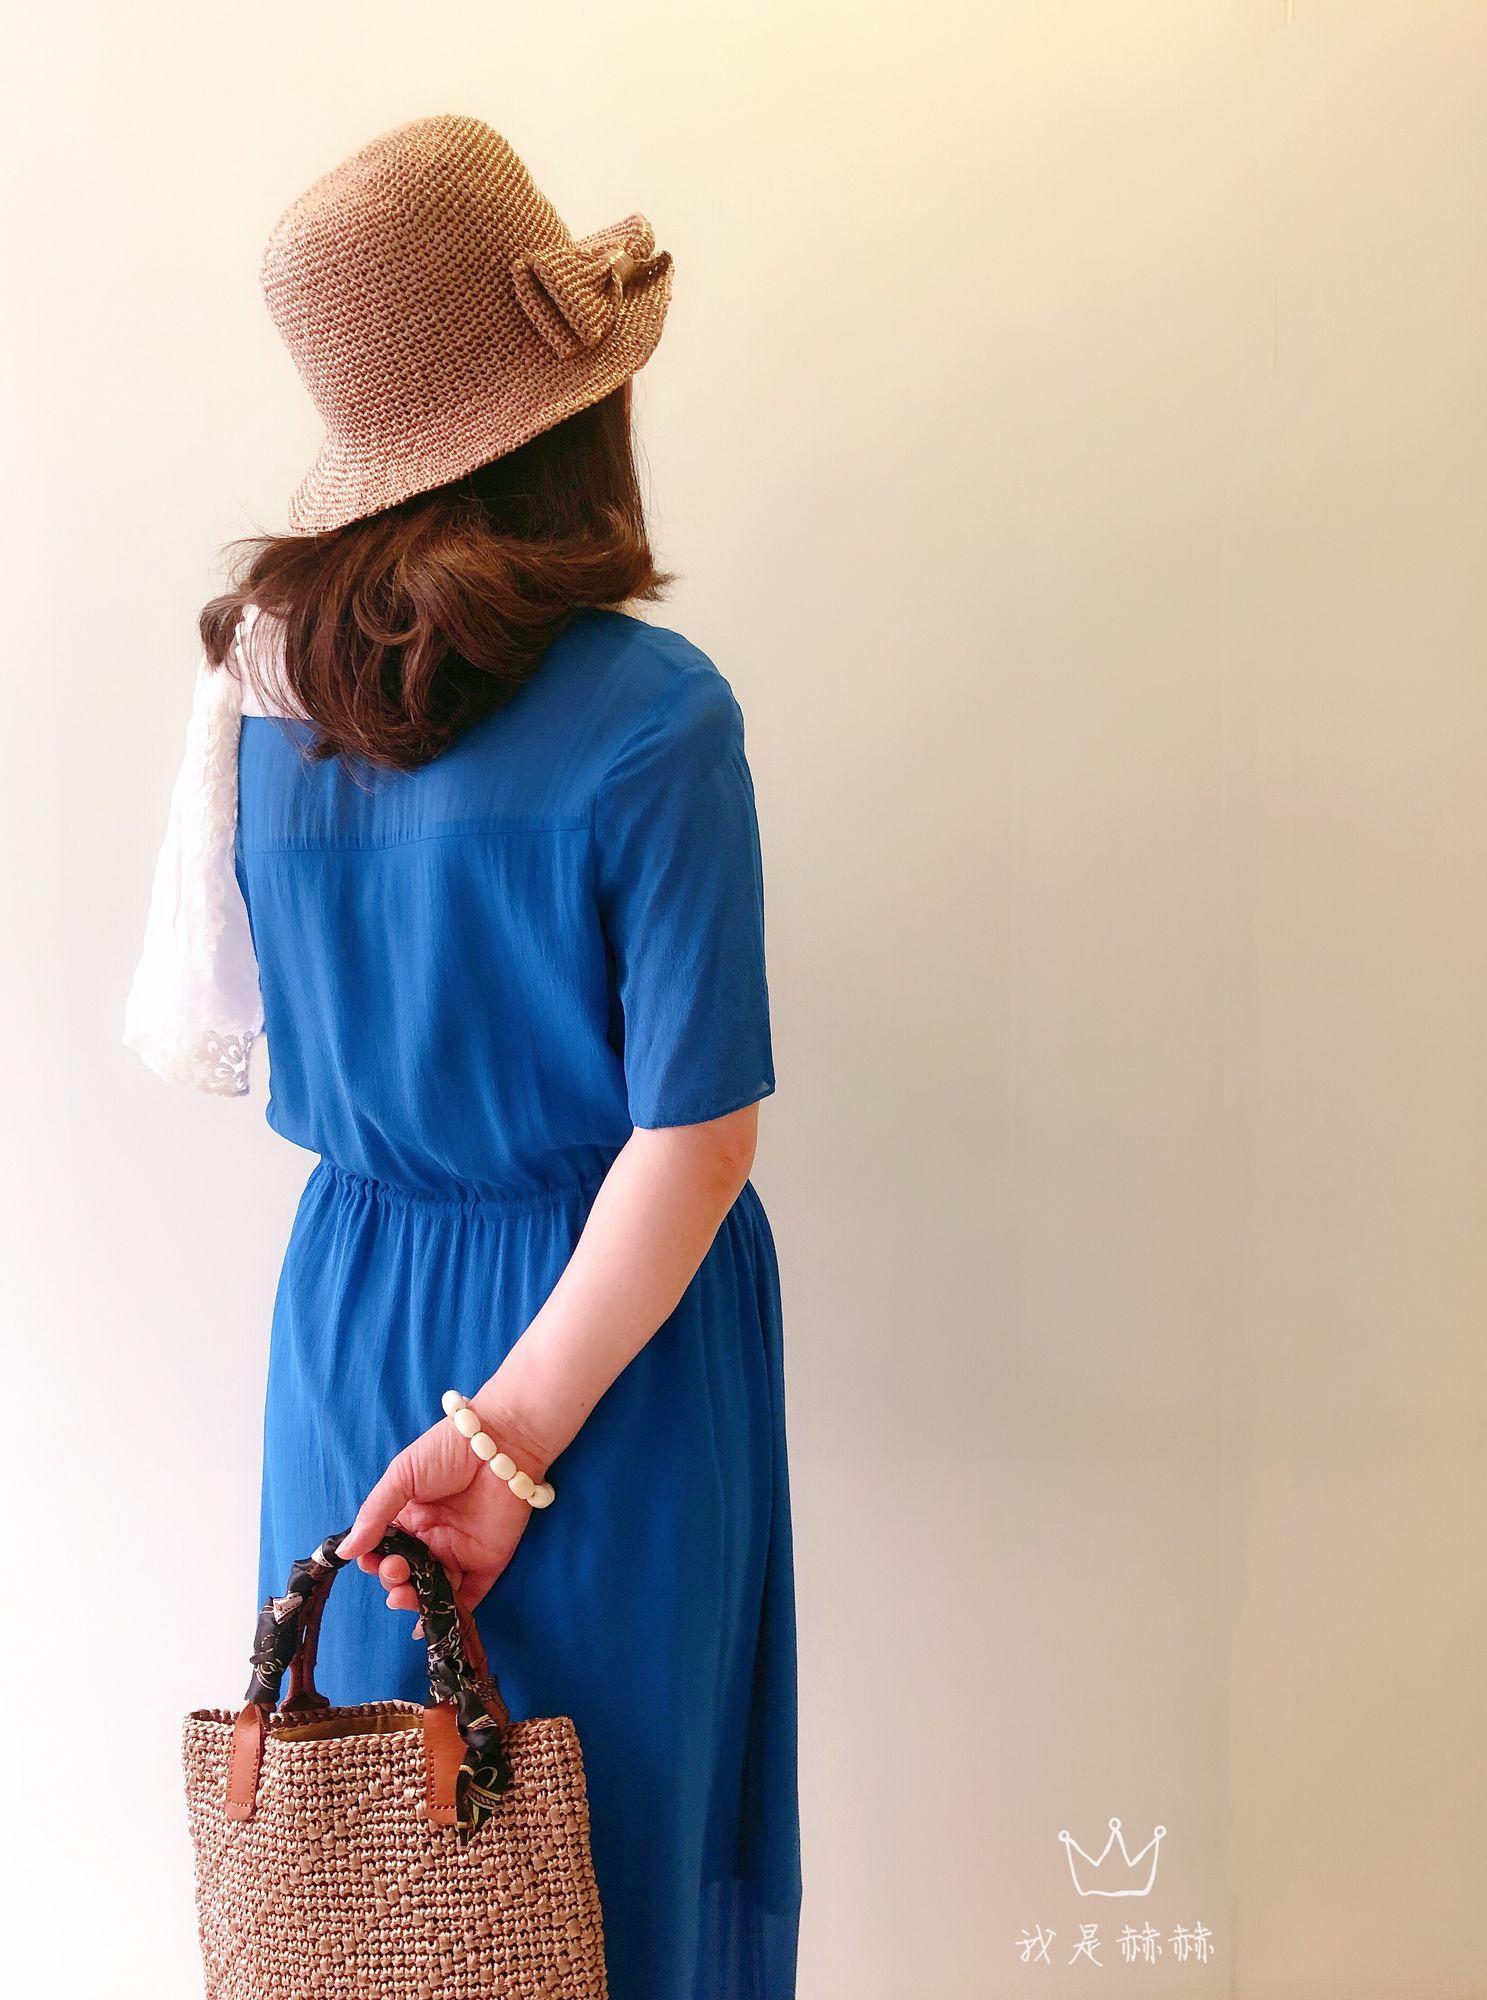 女士钩针棉草包包帽子